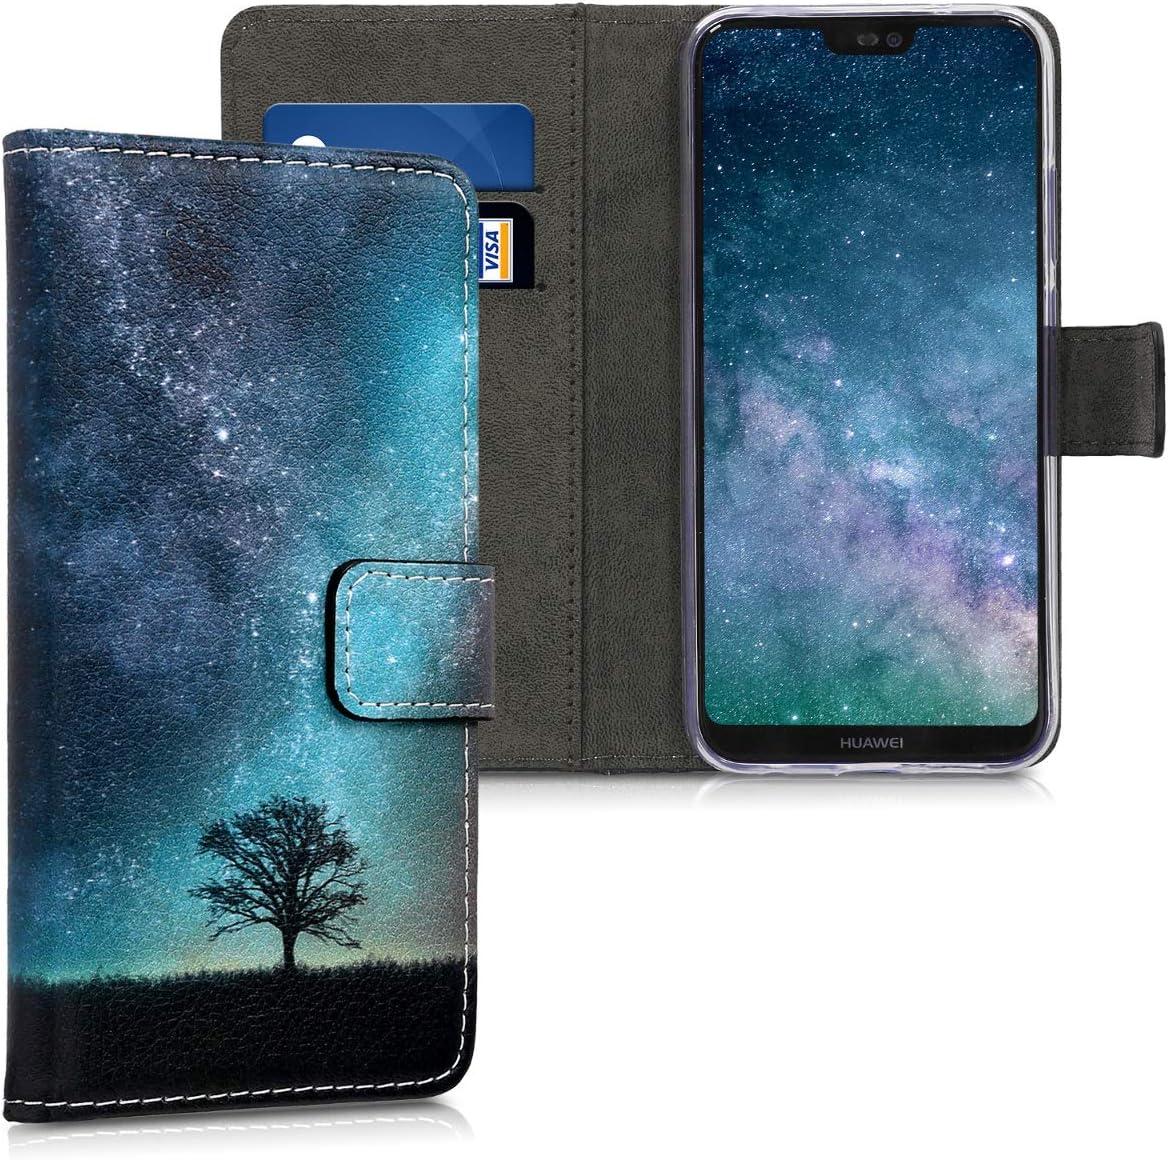 kwmobile Etui Housse Coque Portefeuille Compatible Huawei P20 Lite - Etui Folio Simili Cuir - Cosmic Nature Bleu/Gris/Noir